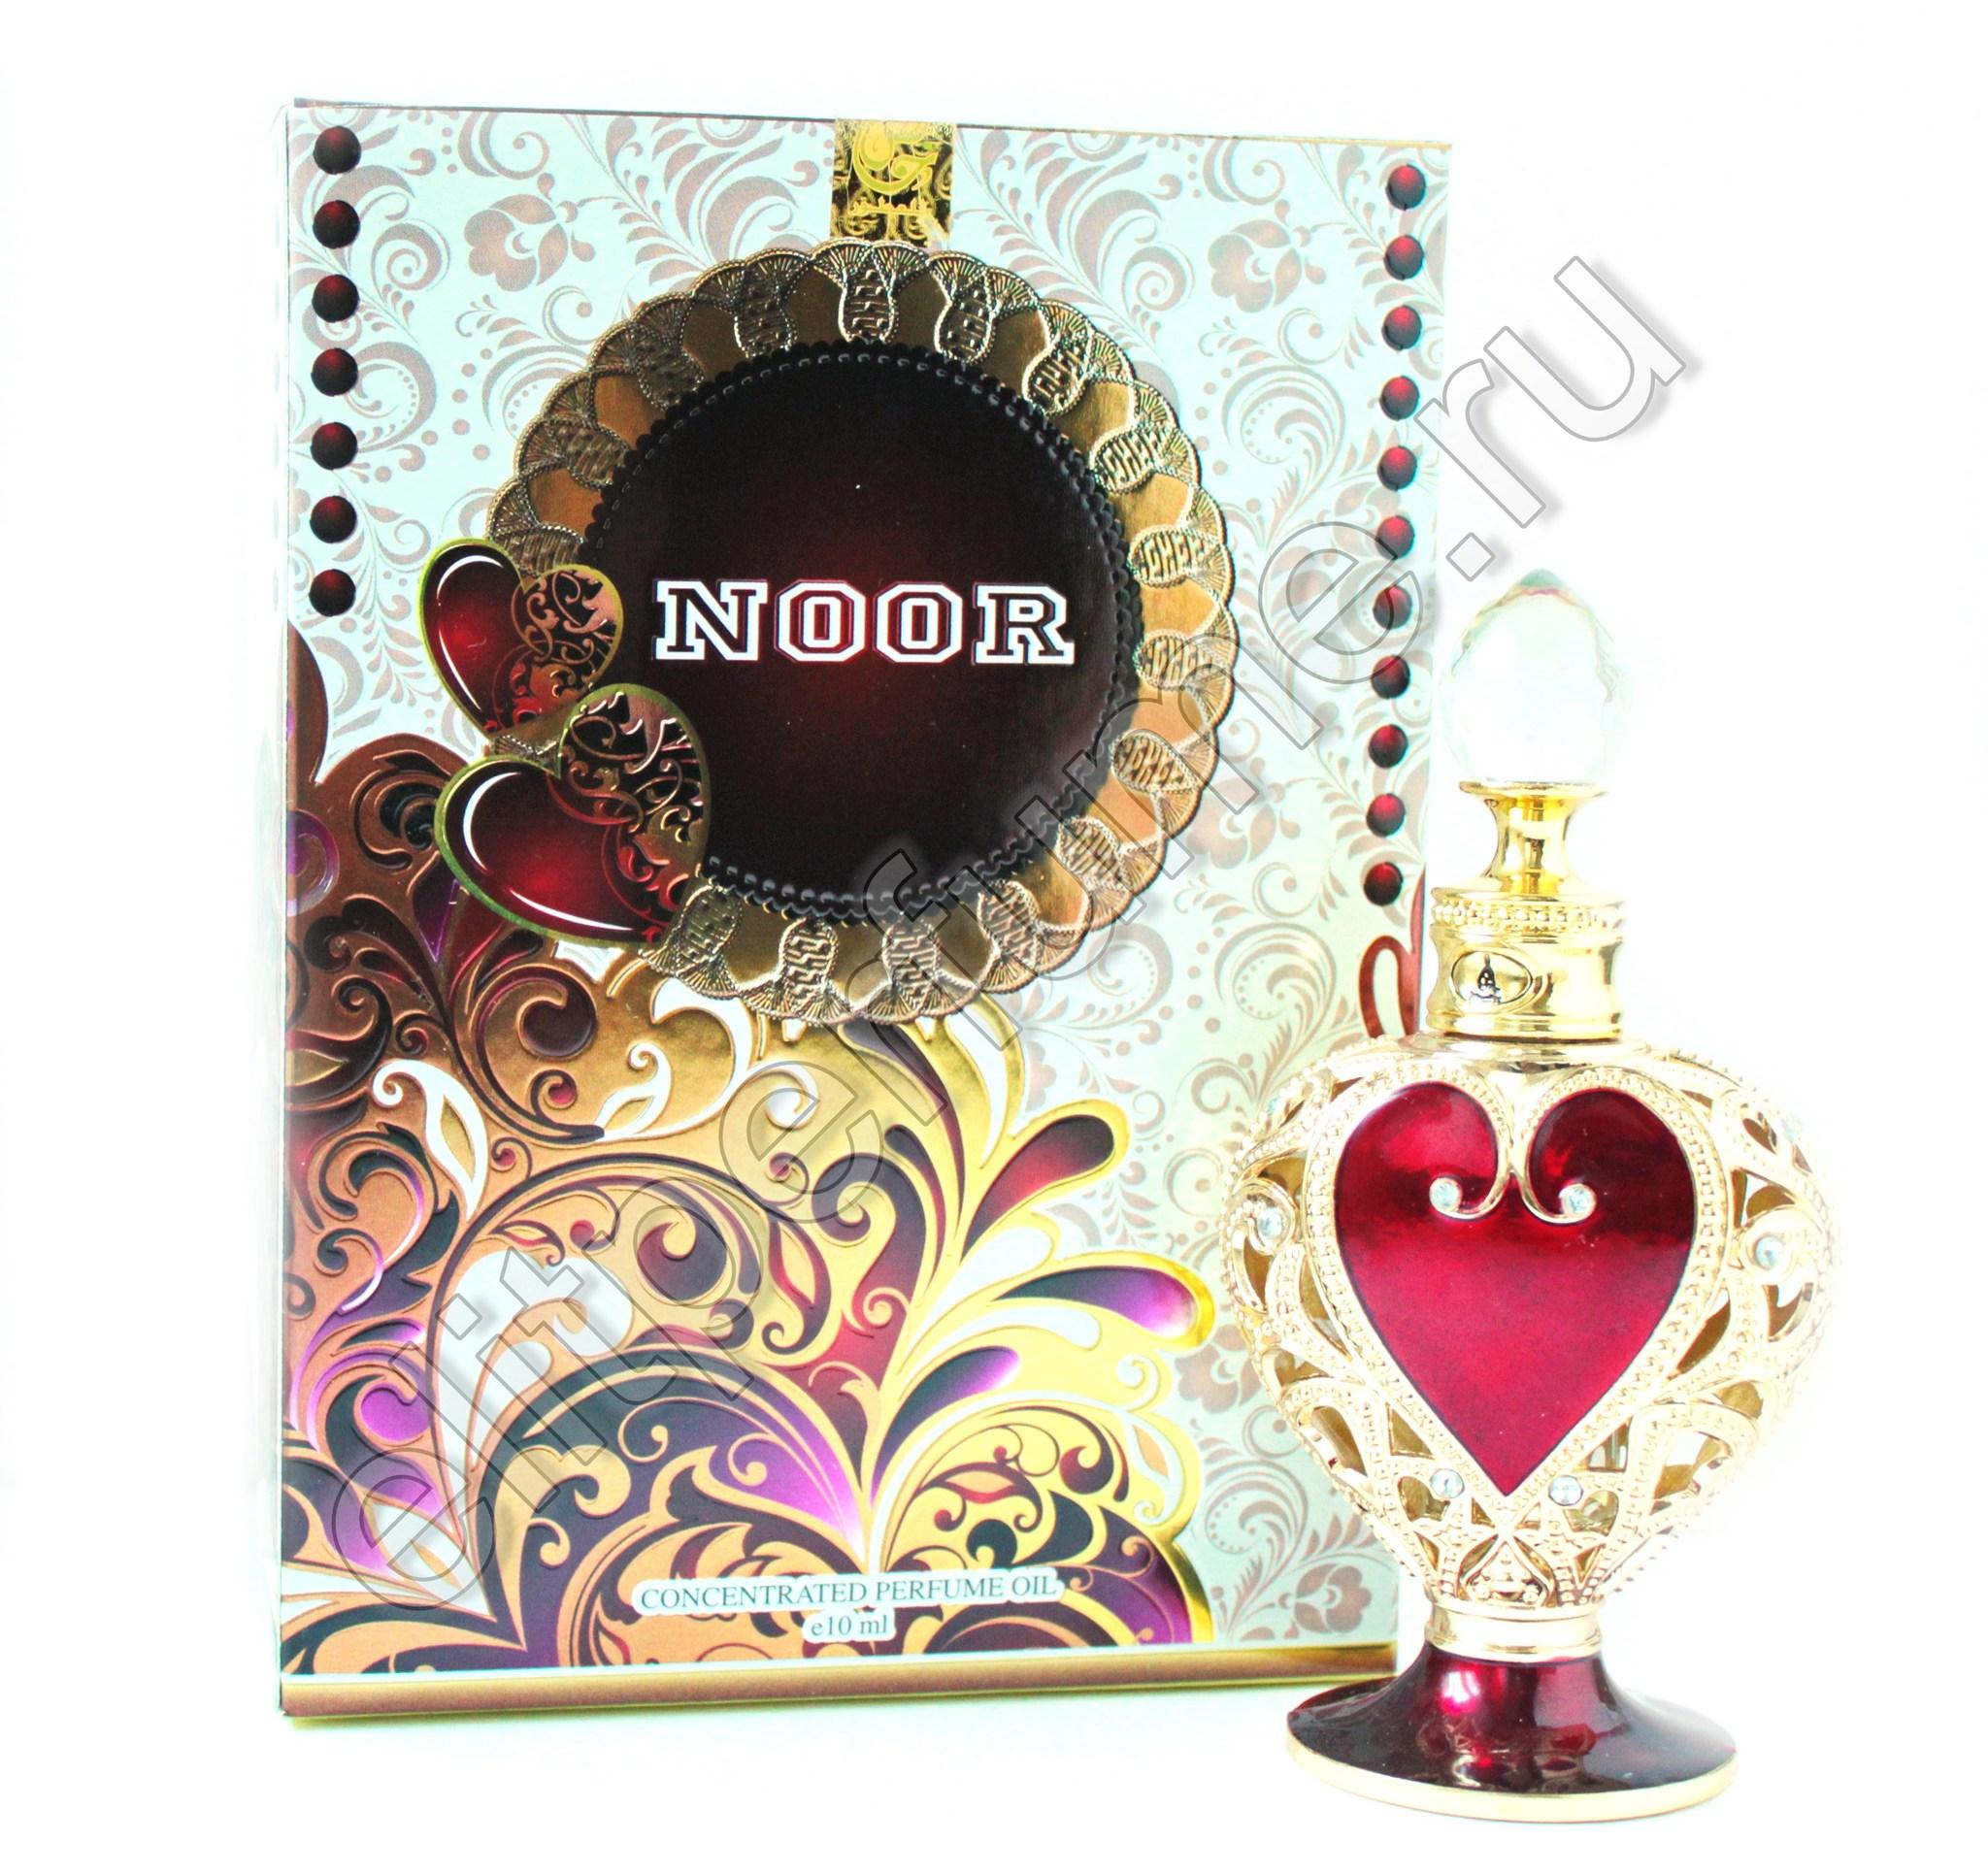 Пробник для Noor Нур Халис 1 мл арабские масляные духи от Халис Khalis Perfumes